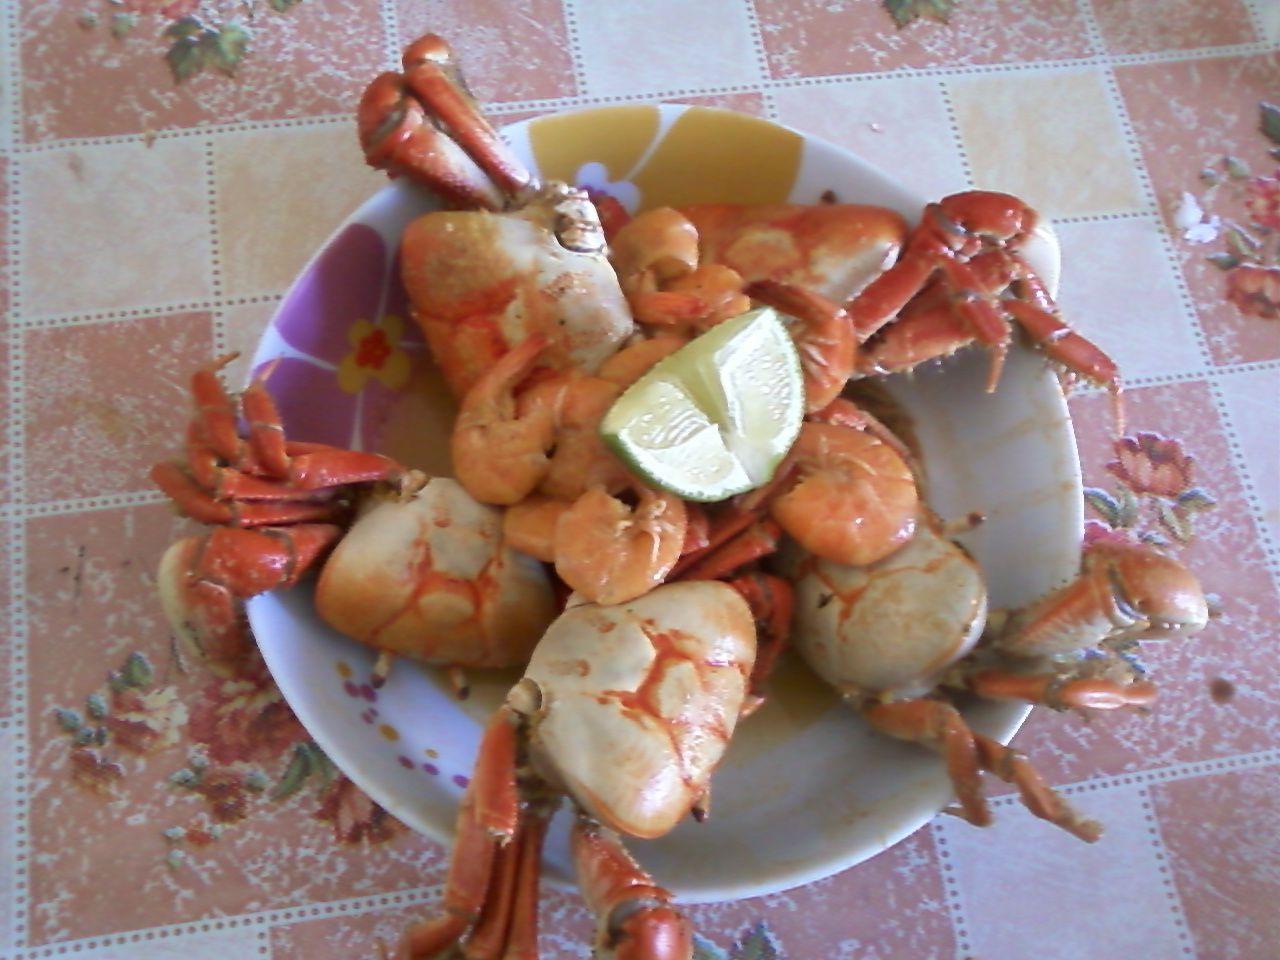 Caranguejo de coco com camarão